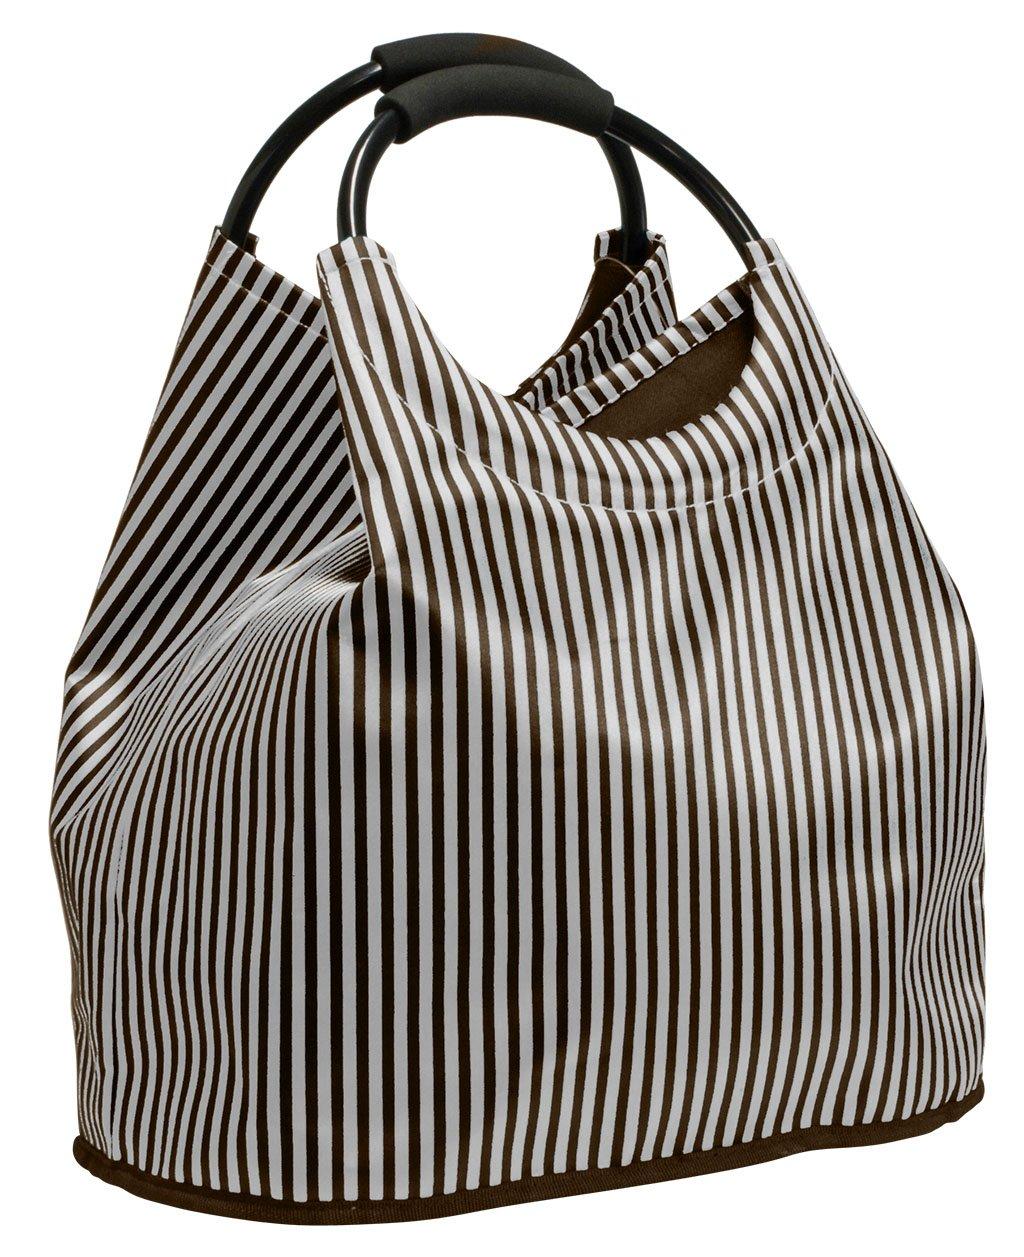 Shoppingtasche, Freizeittasche, Strandtasche, erweiterbar, Farbe silber im Satinlook, Trendyshop365 34055